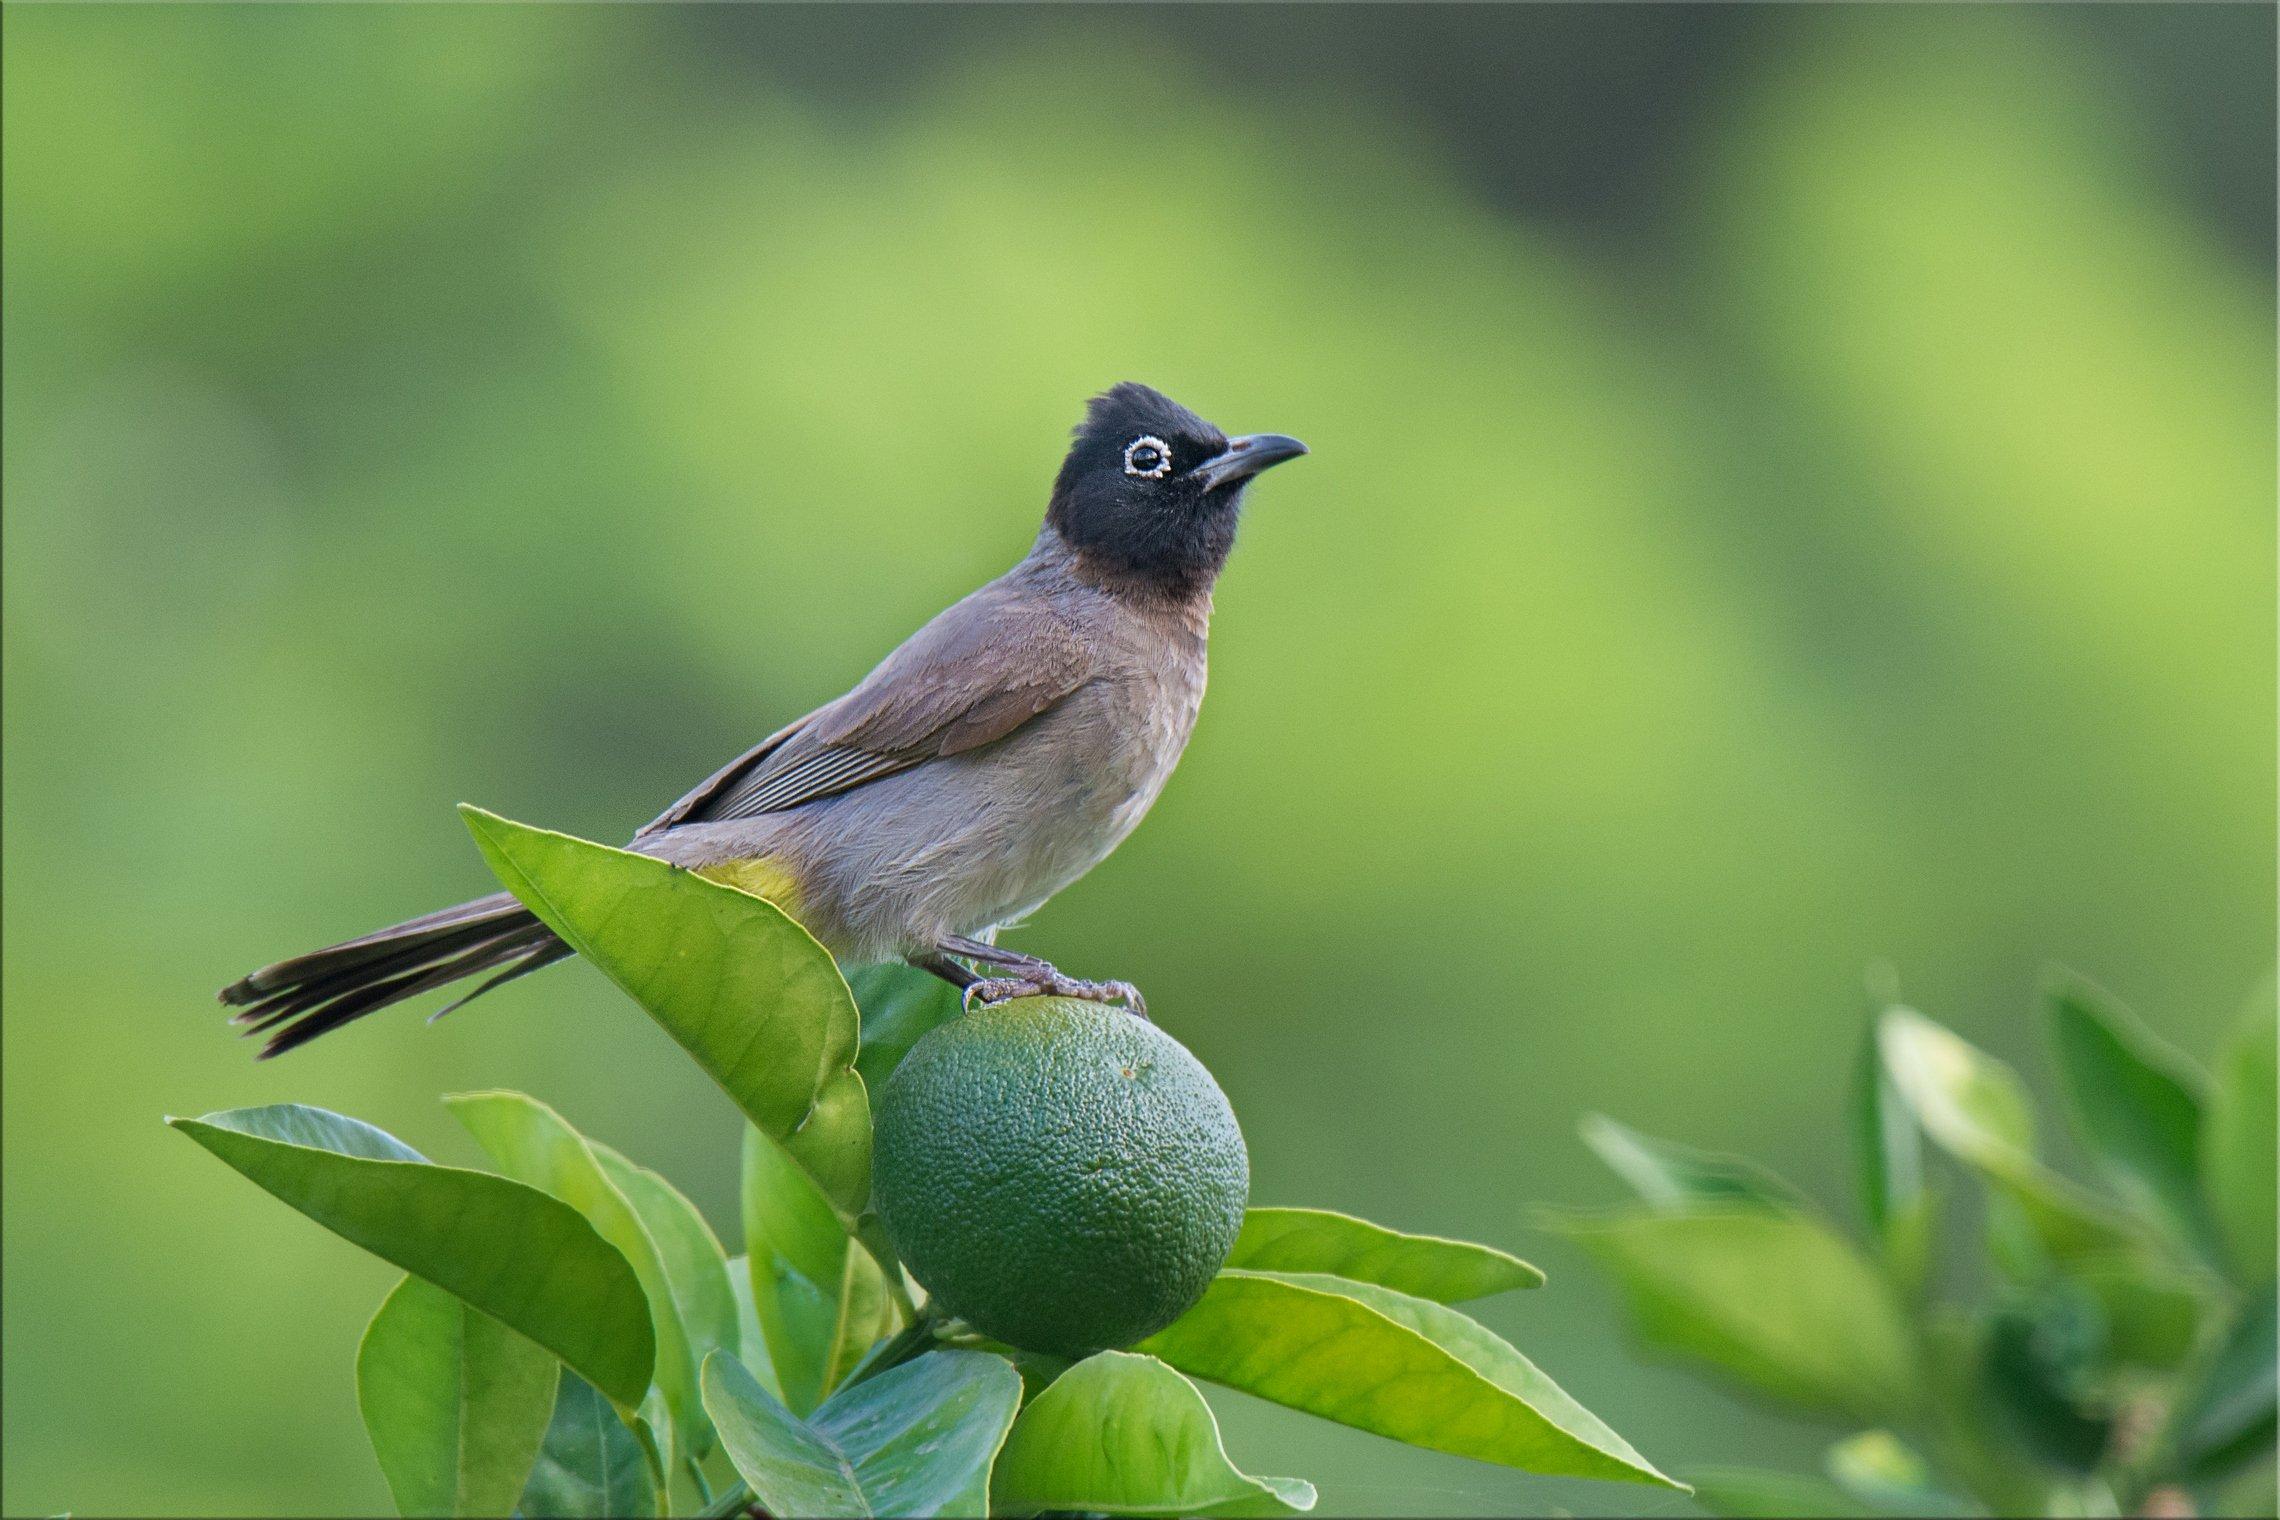 птичка, бюльбюль, сад, апельсин, Людмил@